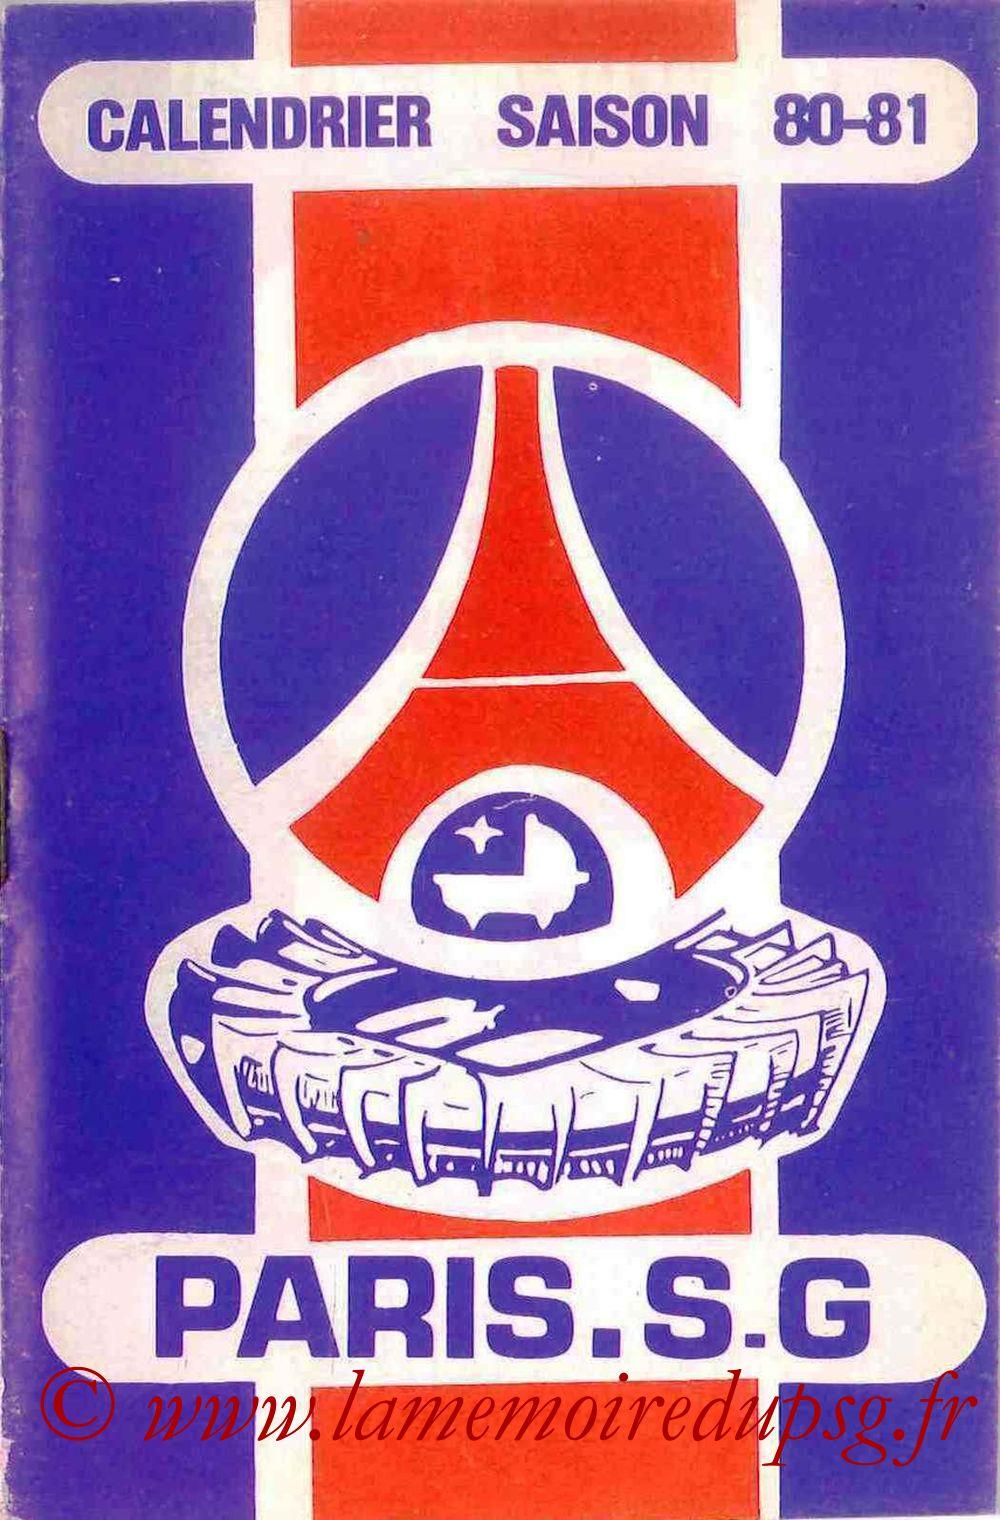 1980-81 - Guide de la Saison PSG - Couverture